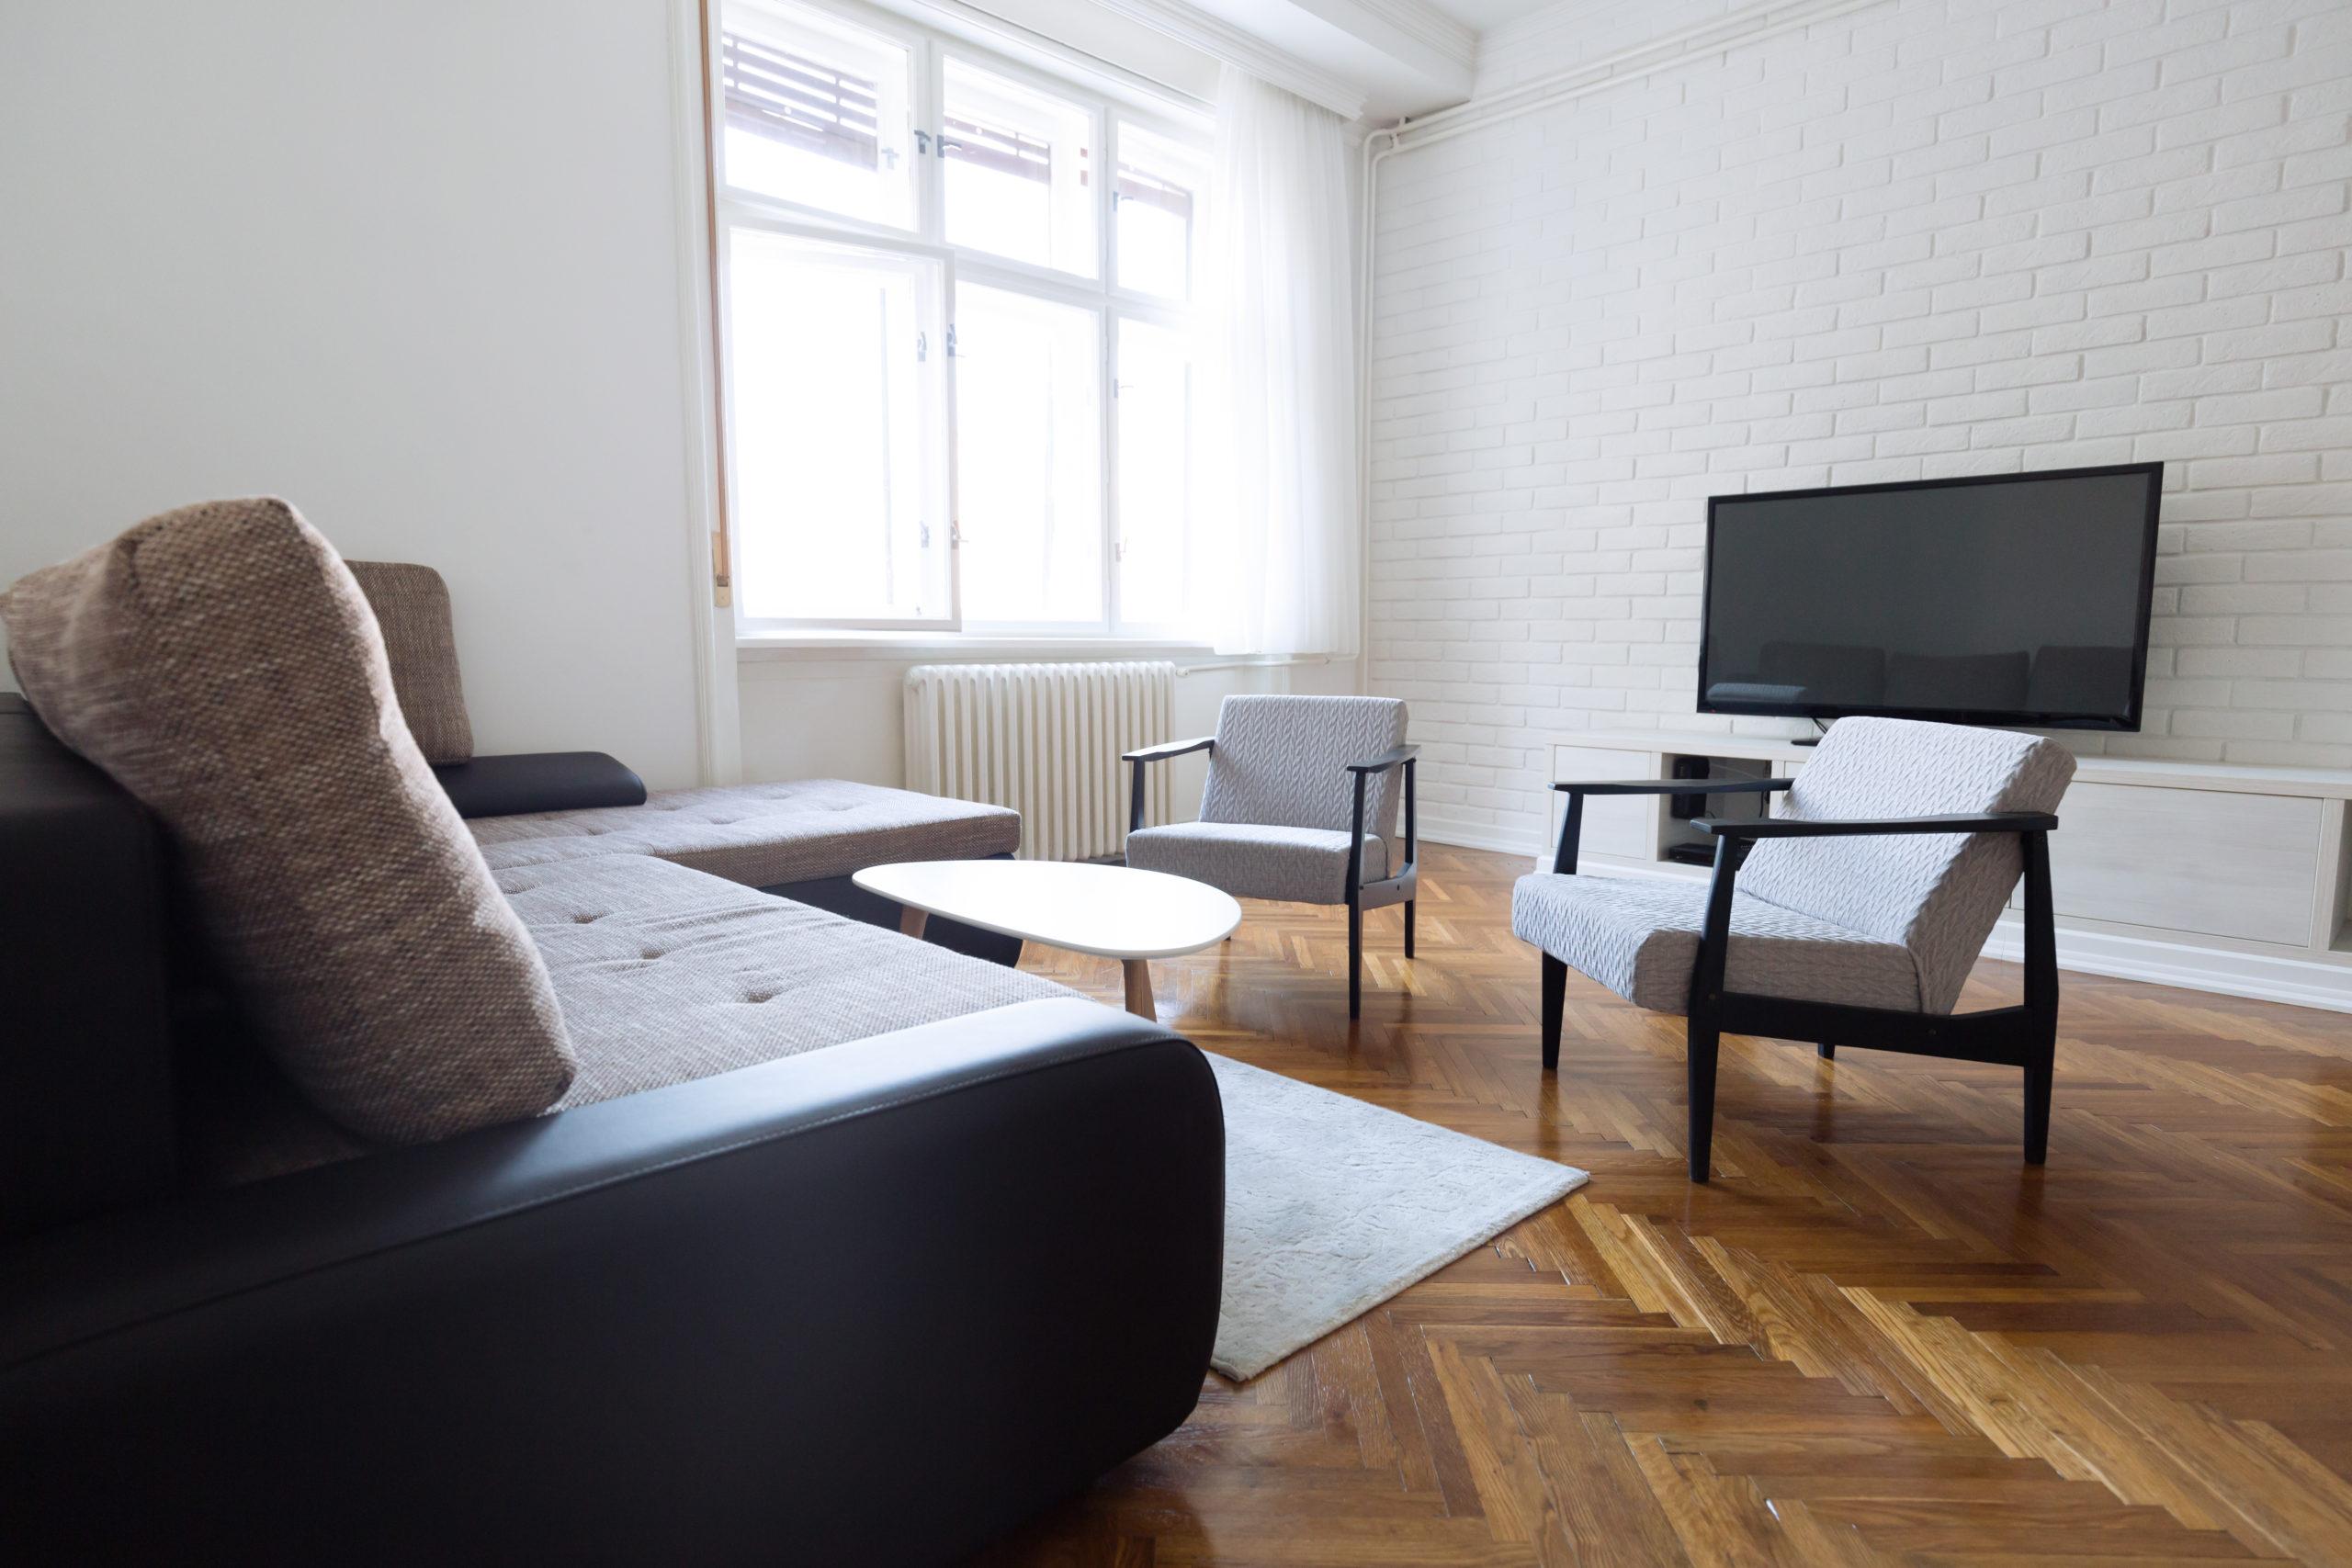 Manchmal kann der Möbelkauf auf Raten günstig sein.